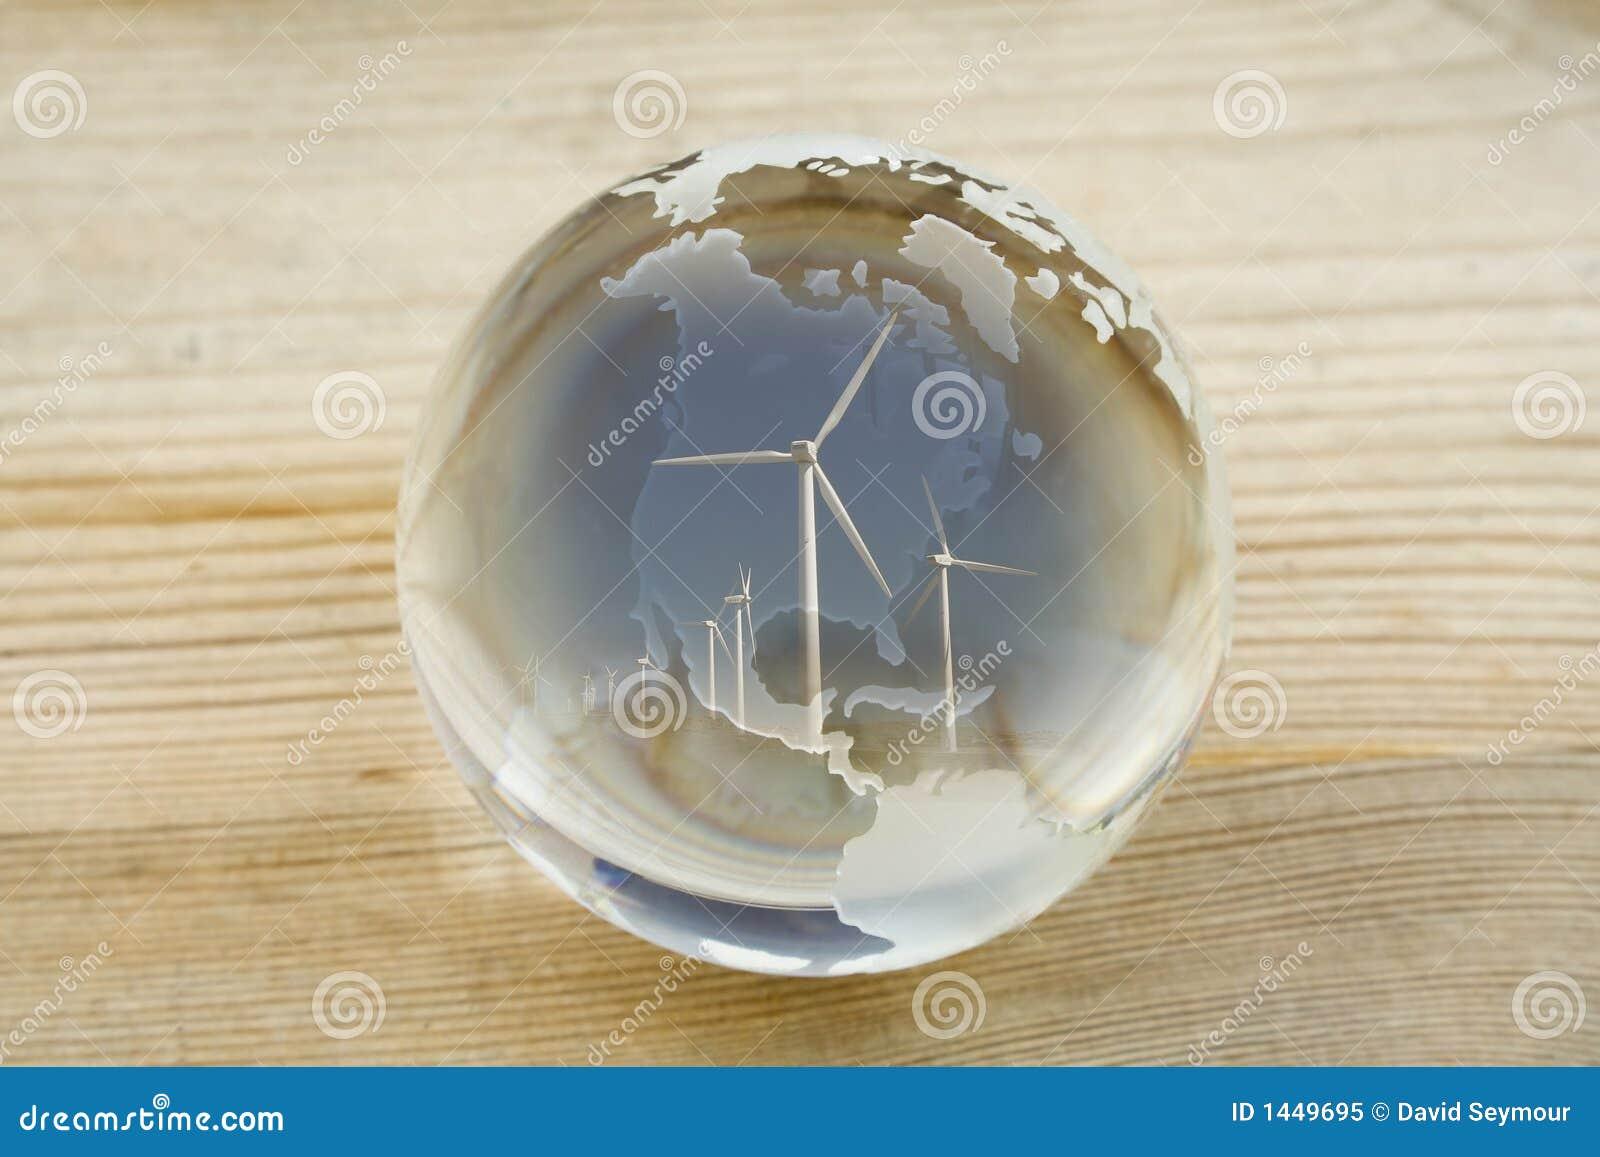 Globe de bille en cristal avec la ferme de vent au-dessus du nord et de l Amérique Centrale